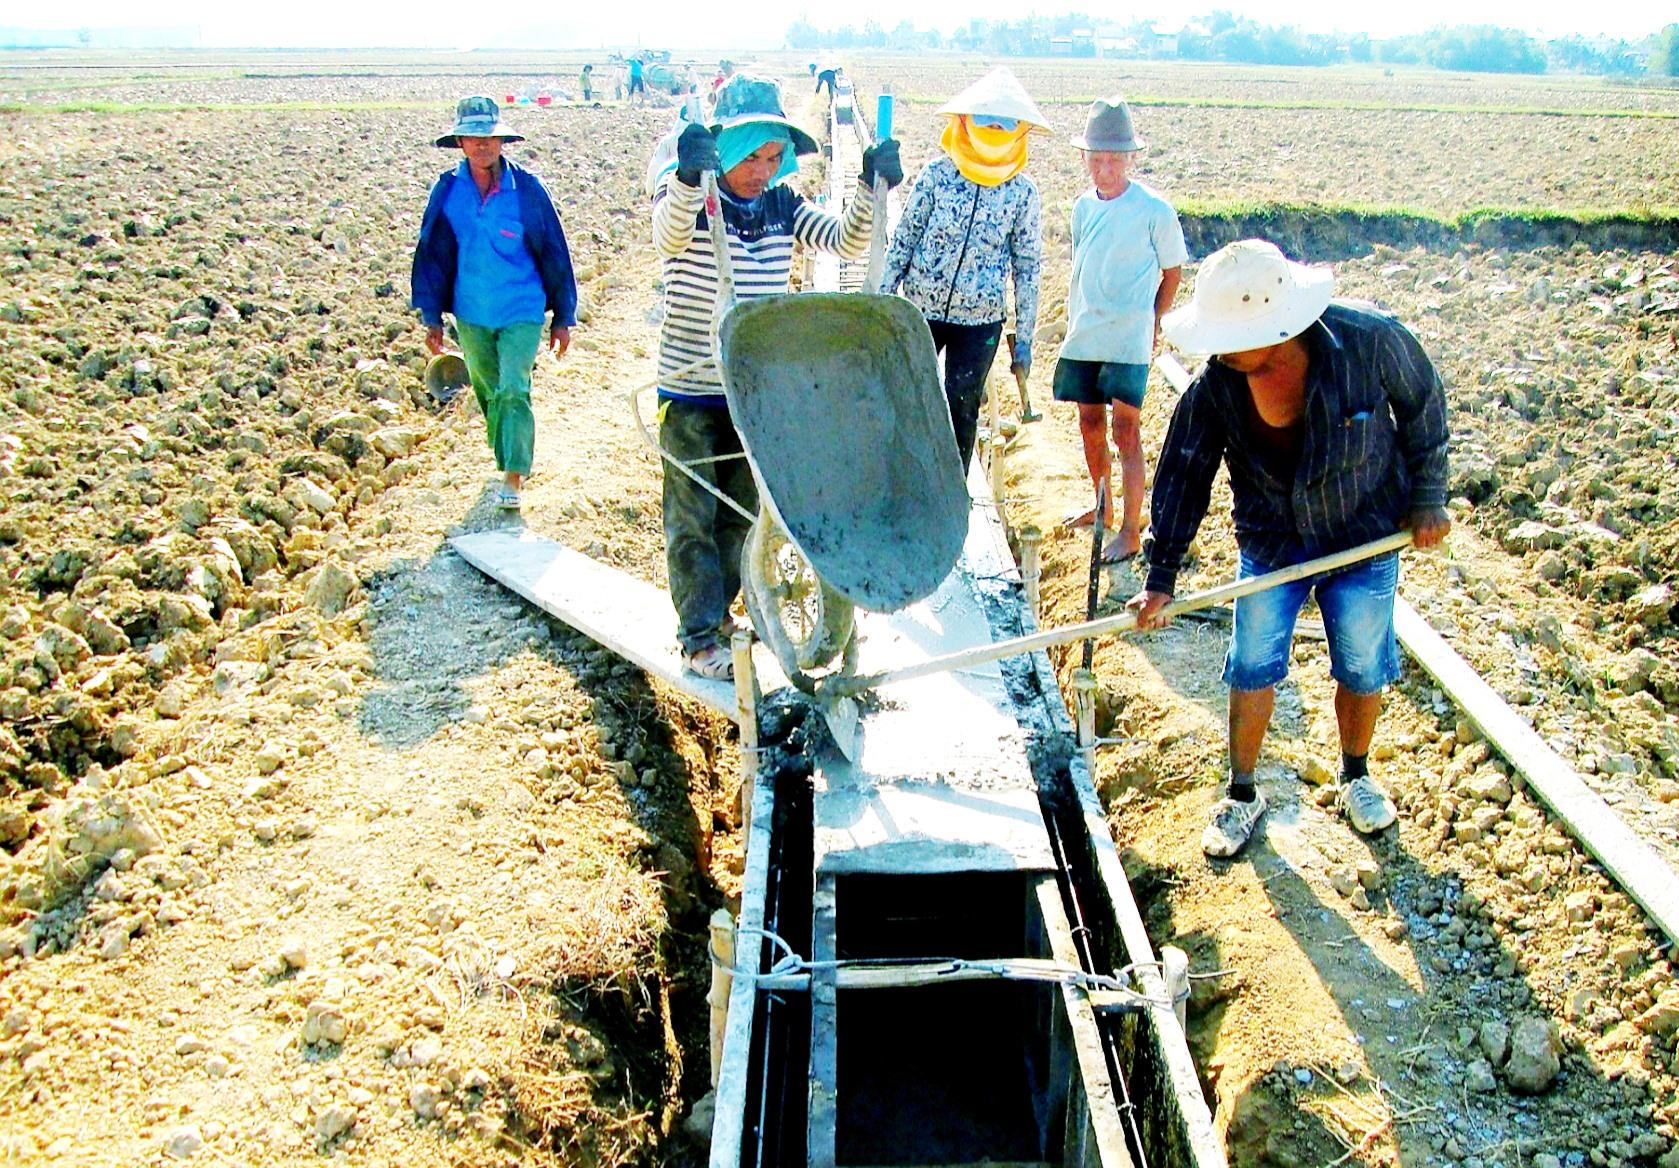 Những năm qua, nhiều địa phương ưu tiên nguồn lực tài chính kiên cố hóa hệ thống kênh mương nhằm đảm bảo nước tưới cho cây trồng. Ảnh: VĂN SỰ